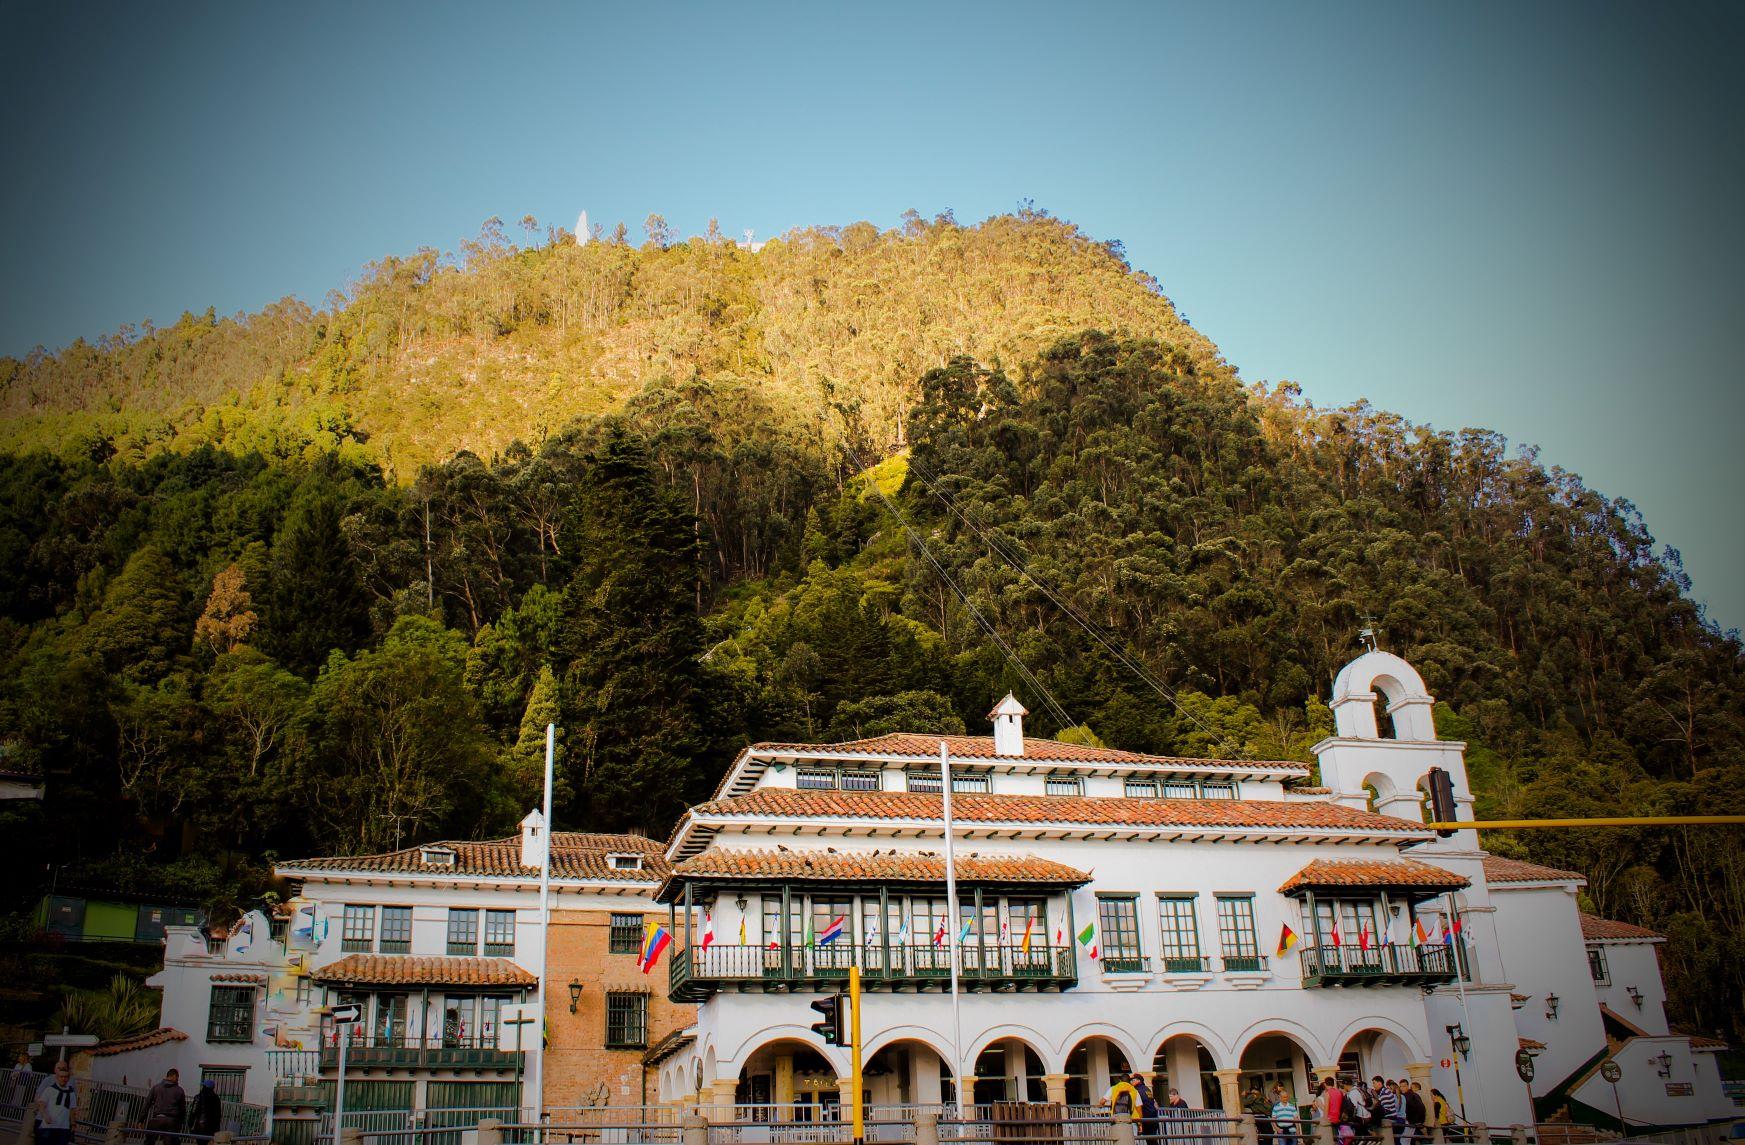 Bogota Centro Histórico - Day tour.